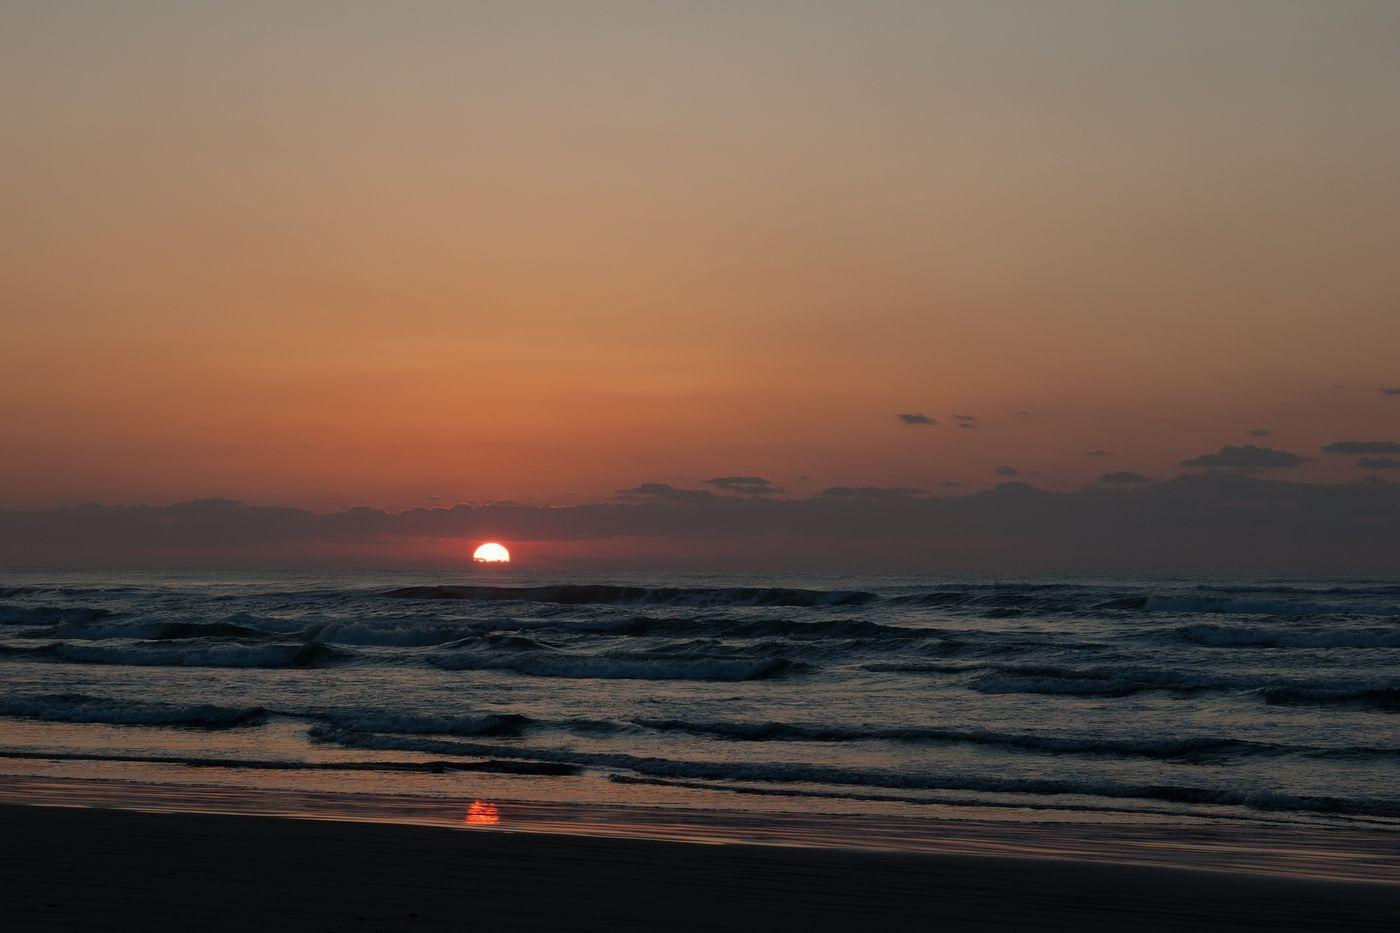 千里浜なぎさドライブウェイからの夕焼けの写真